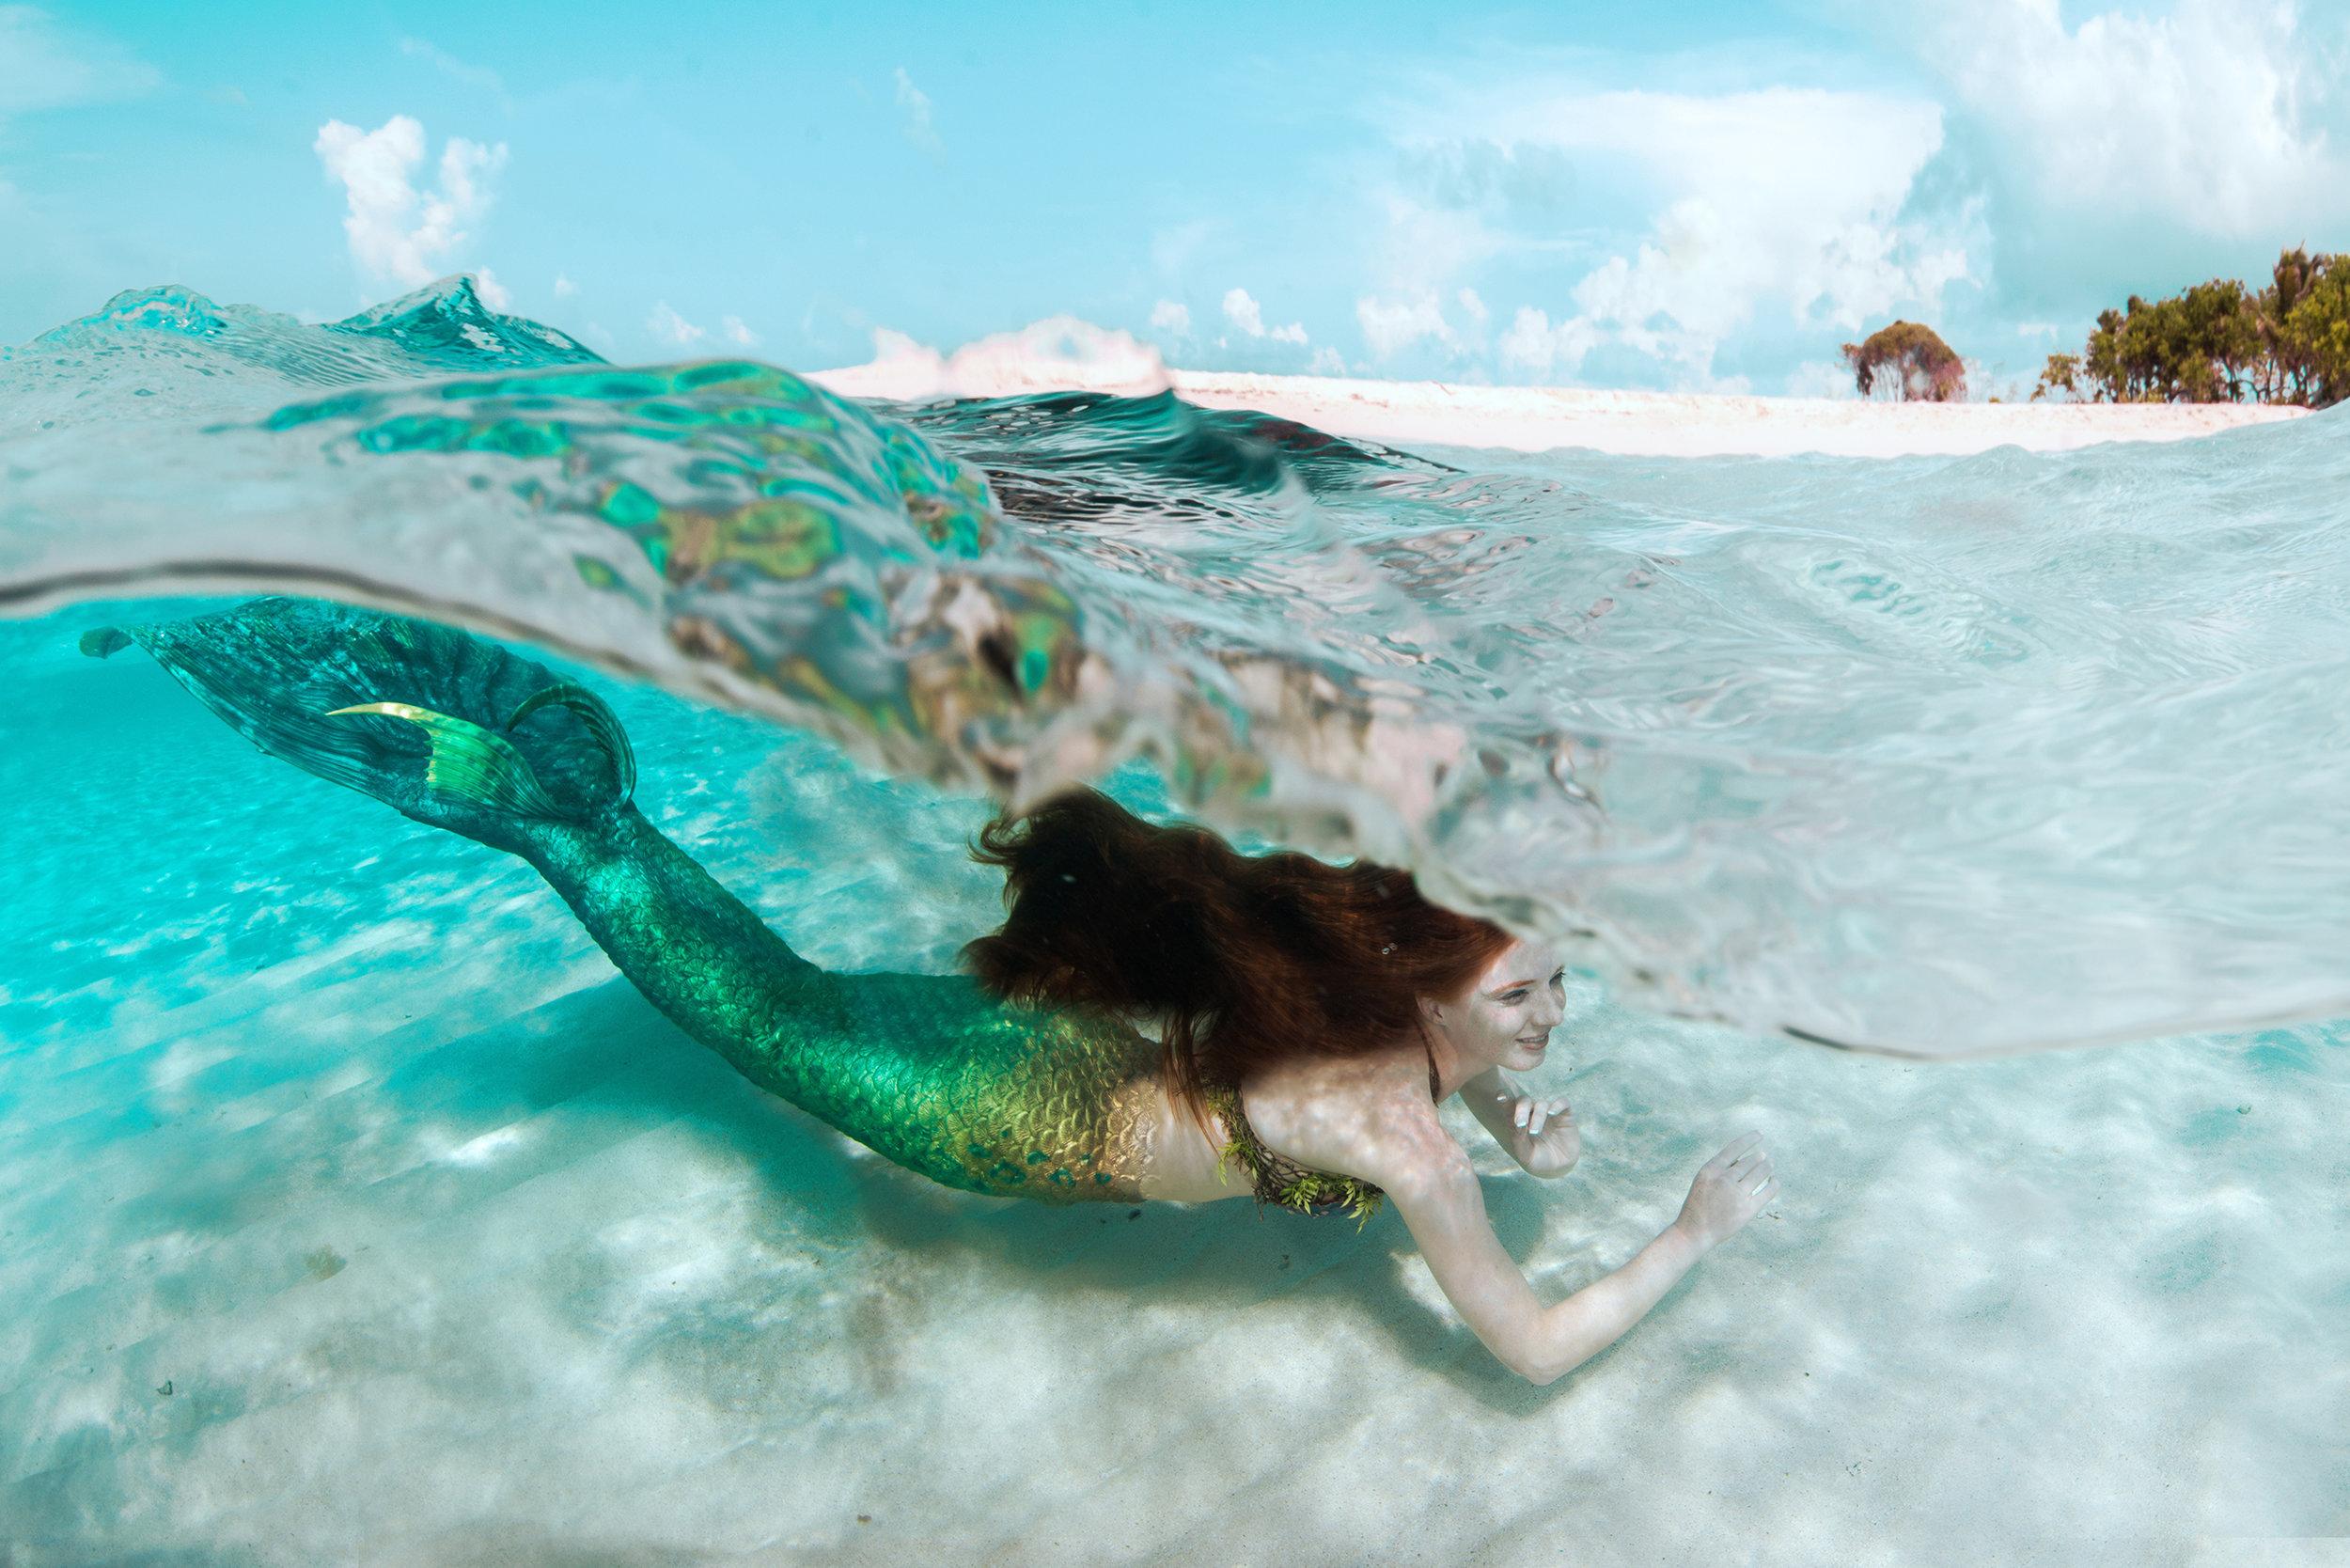 Resort Mermaid Swim Show